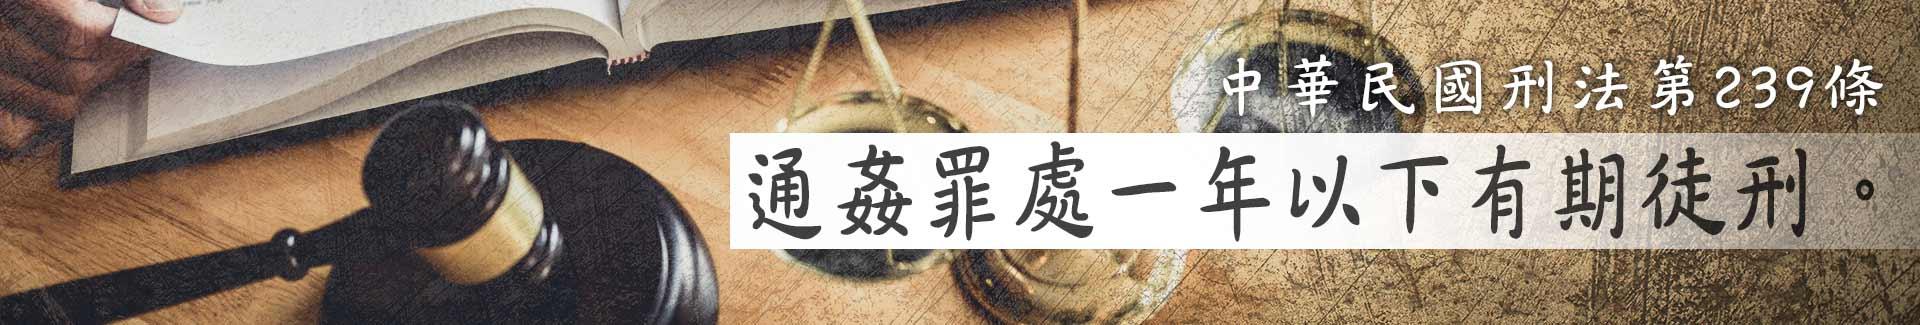 中華民國刑法第239條:通姦罪處一年以下有期徒刑。